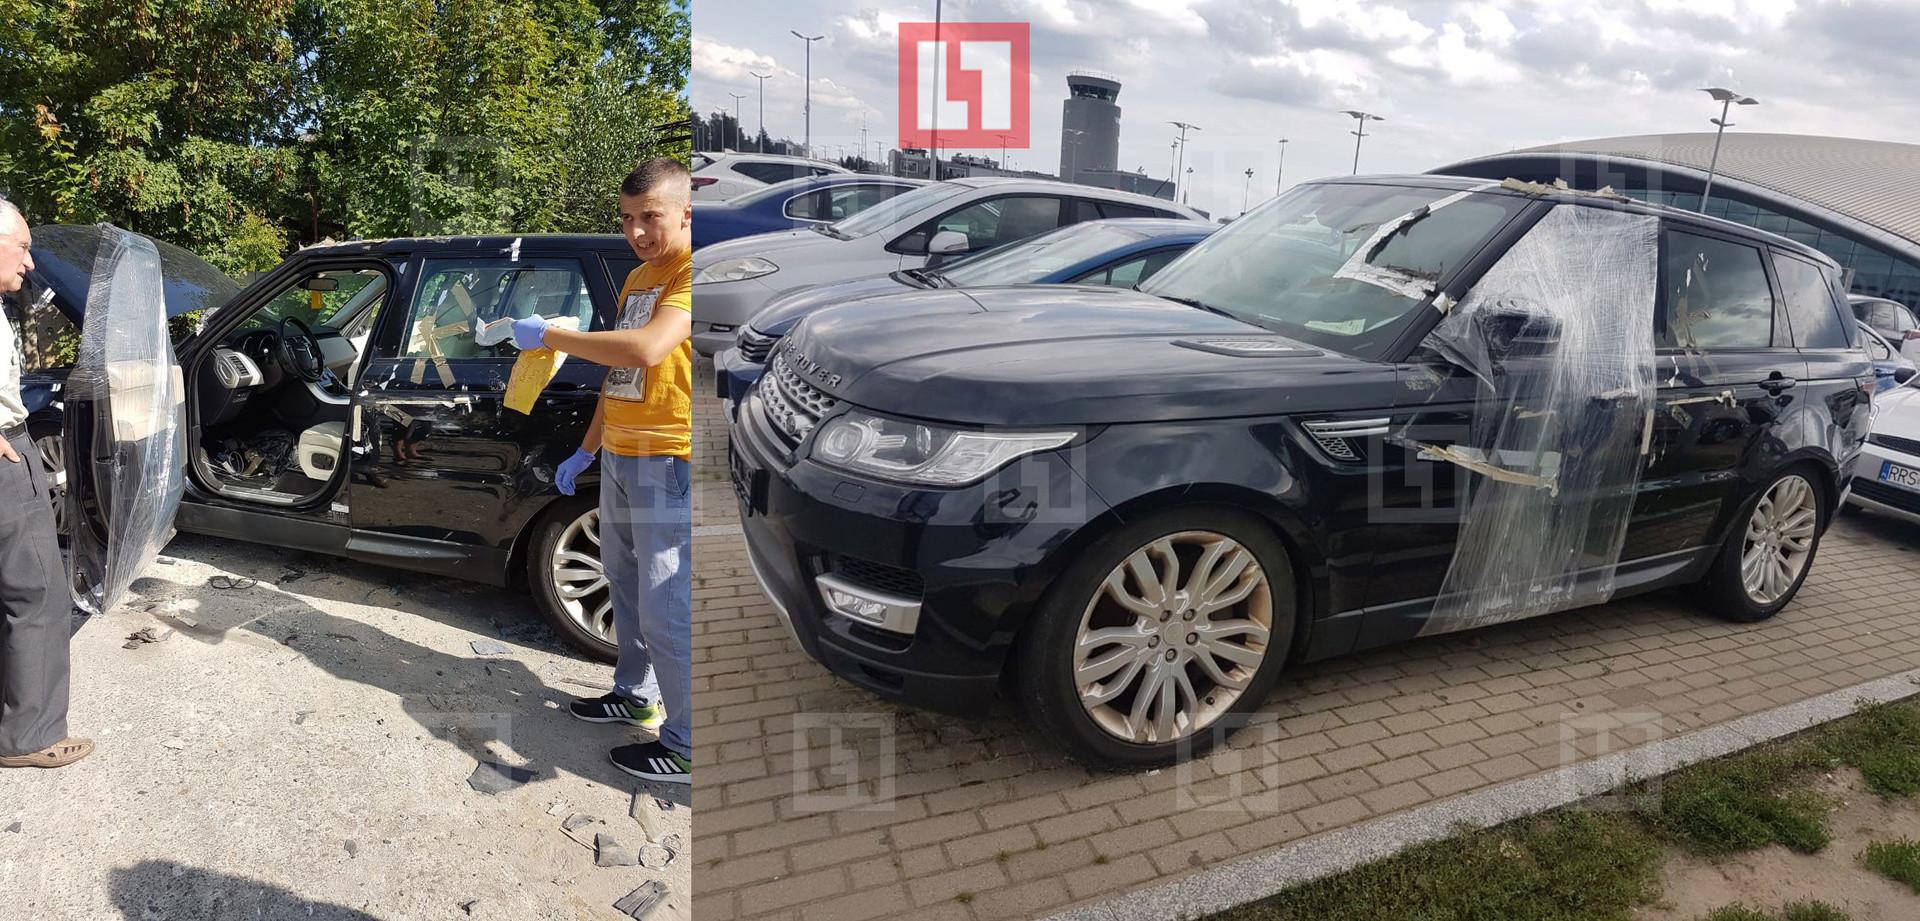 Польская полиция осматривает машину Алекса Лесли. Фото: © L!FE